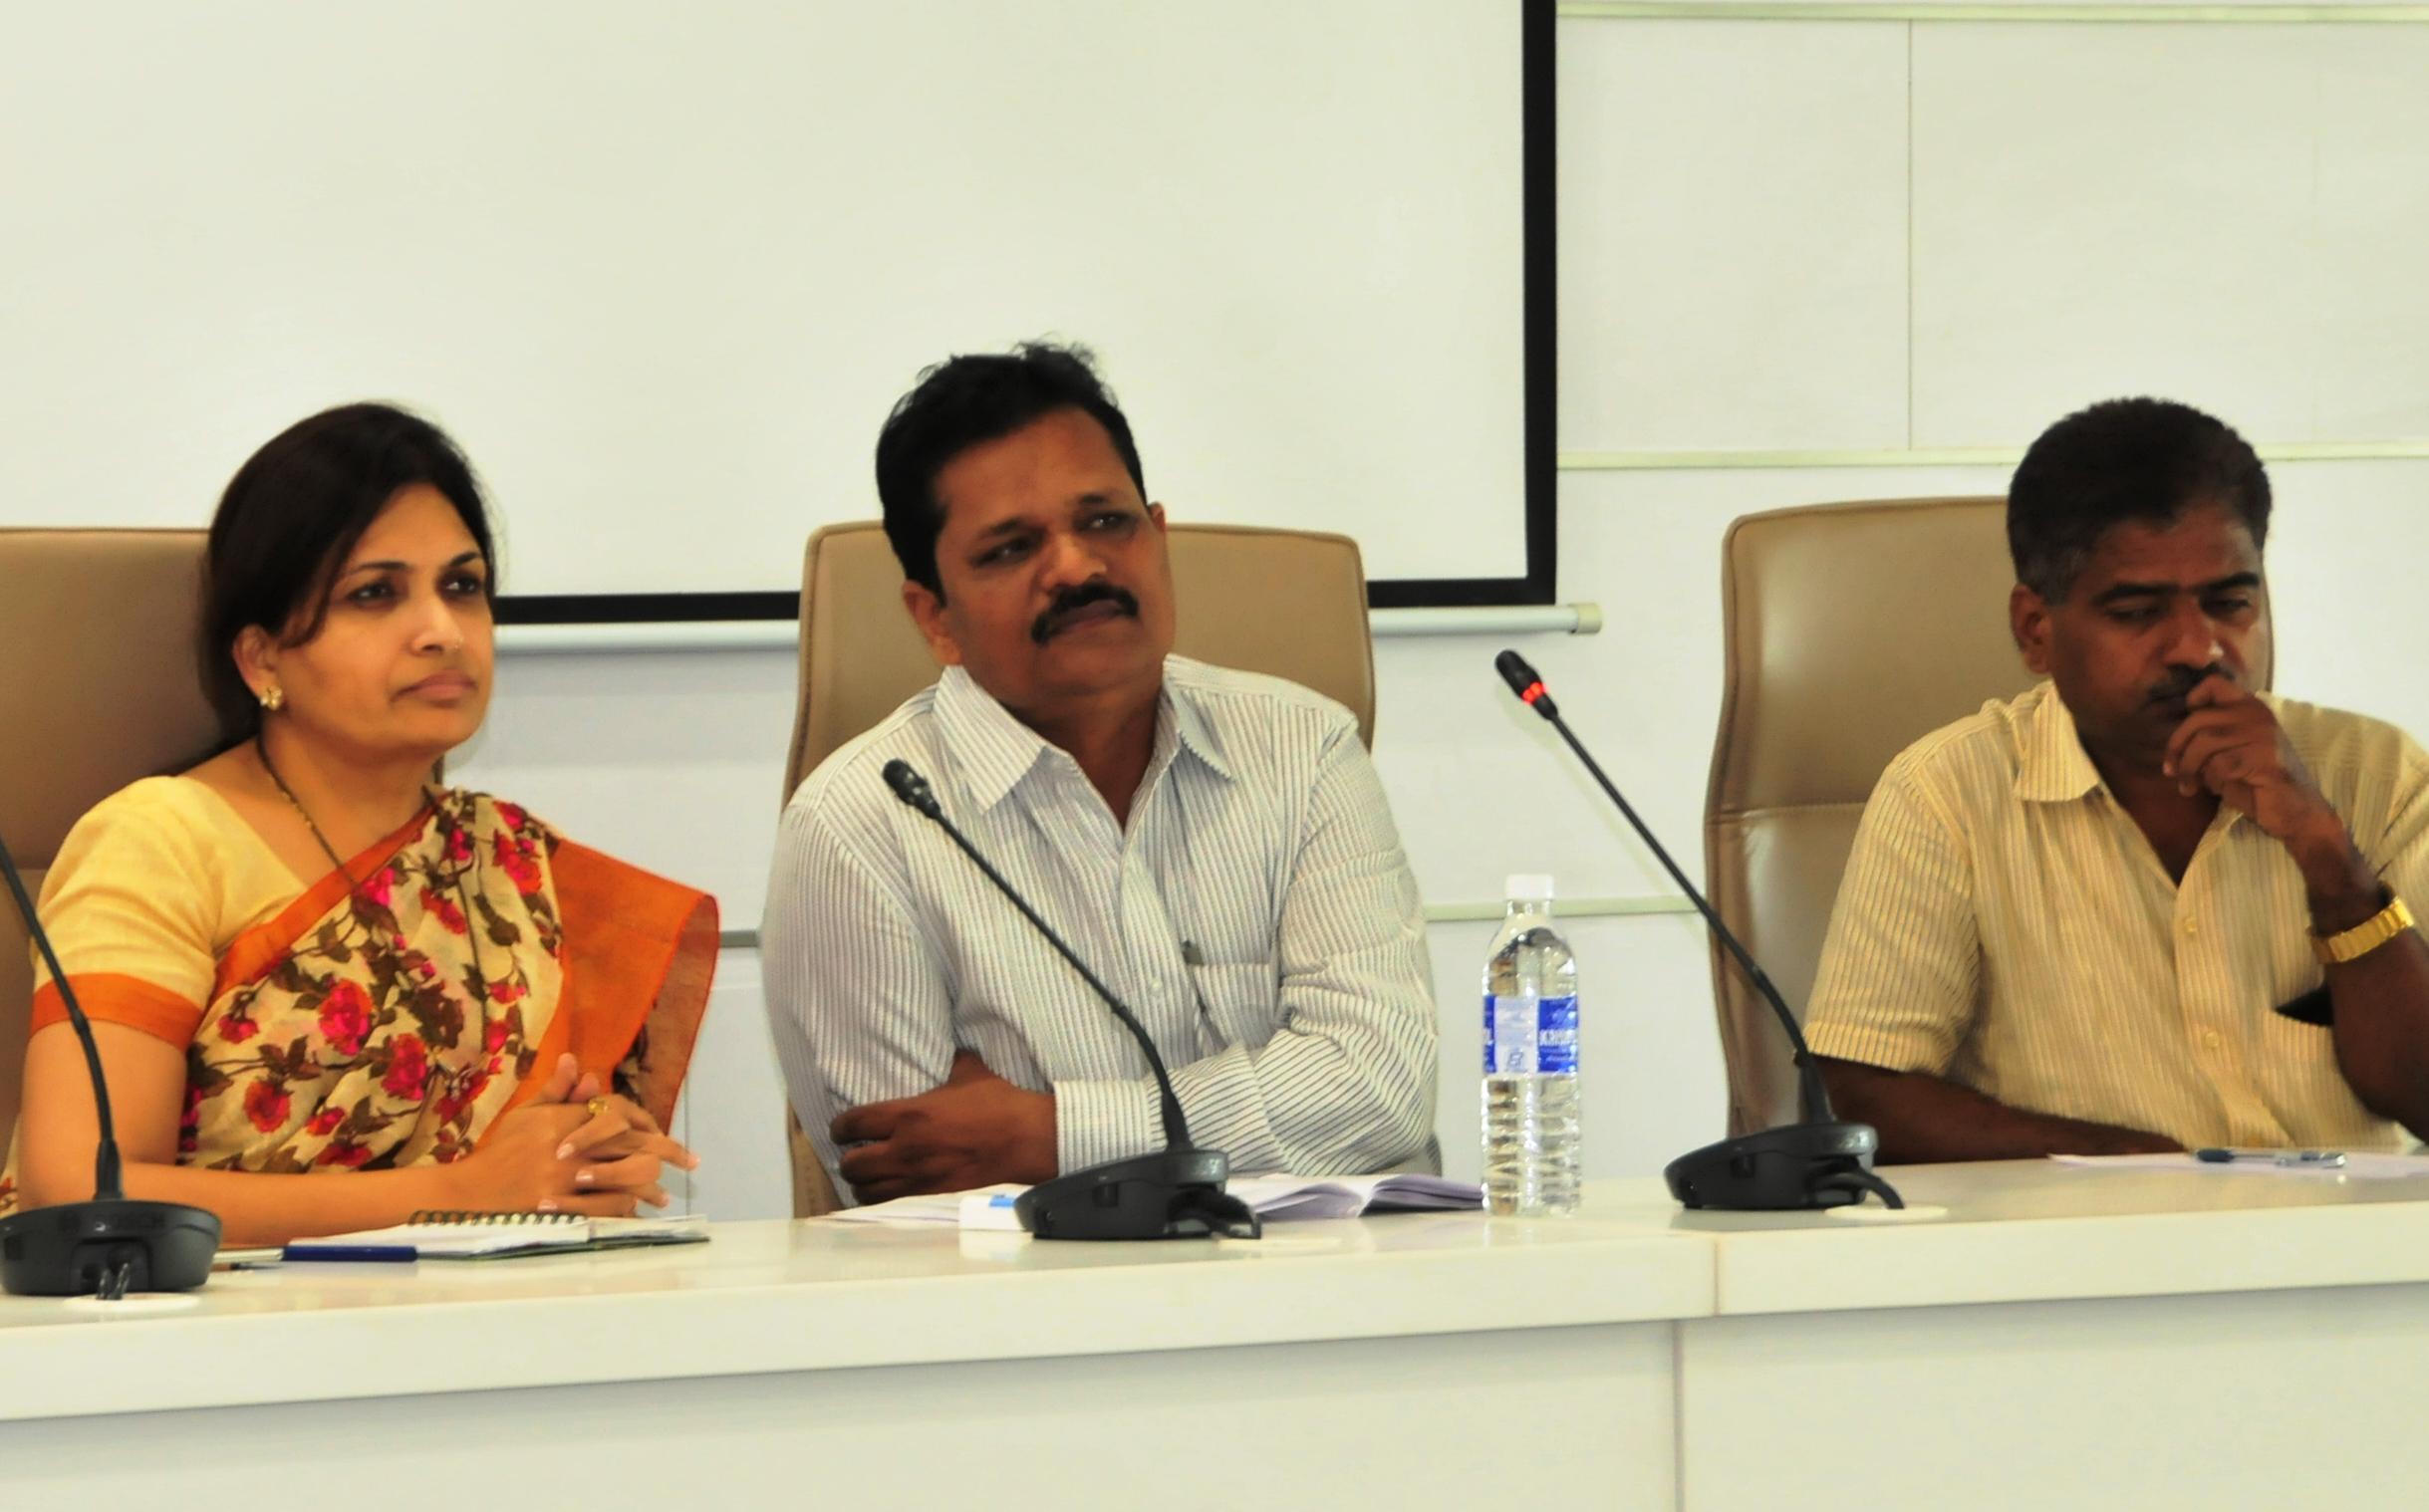 'स्वास्थ भारत यात्रे' अंतर्गतच्या सायकल रॅलीसाठी आवश्यक त्या उपाययोजना करा- डॉ.जयश्री कटारे